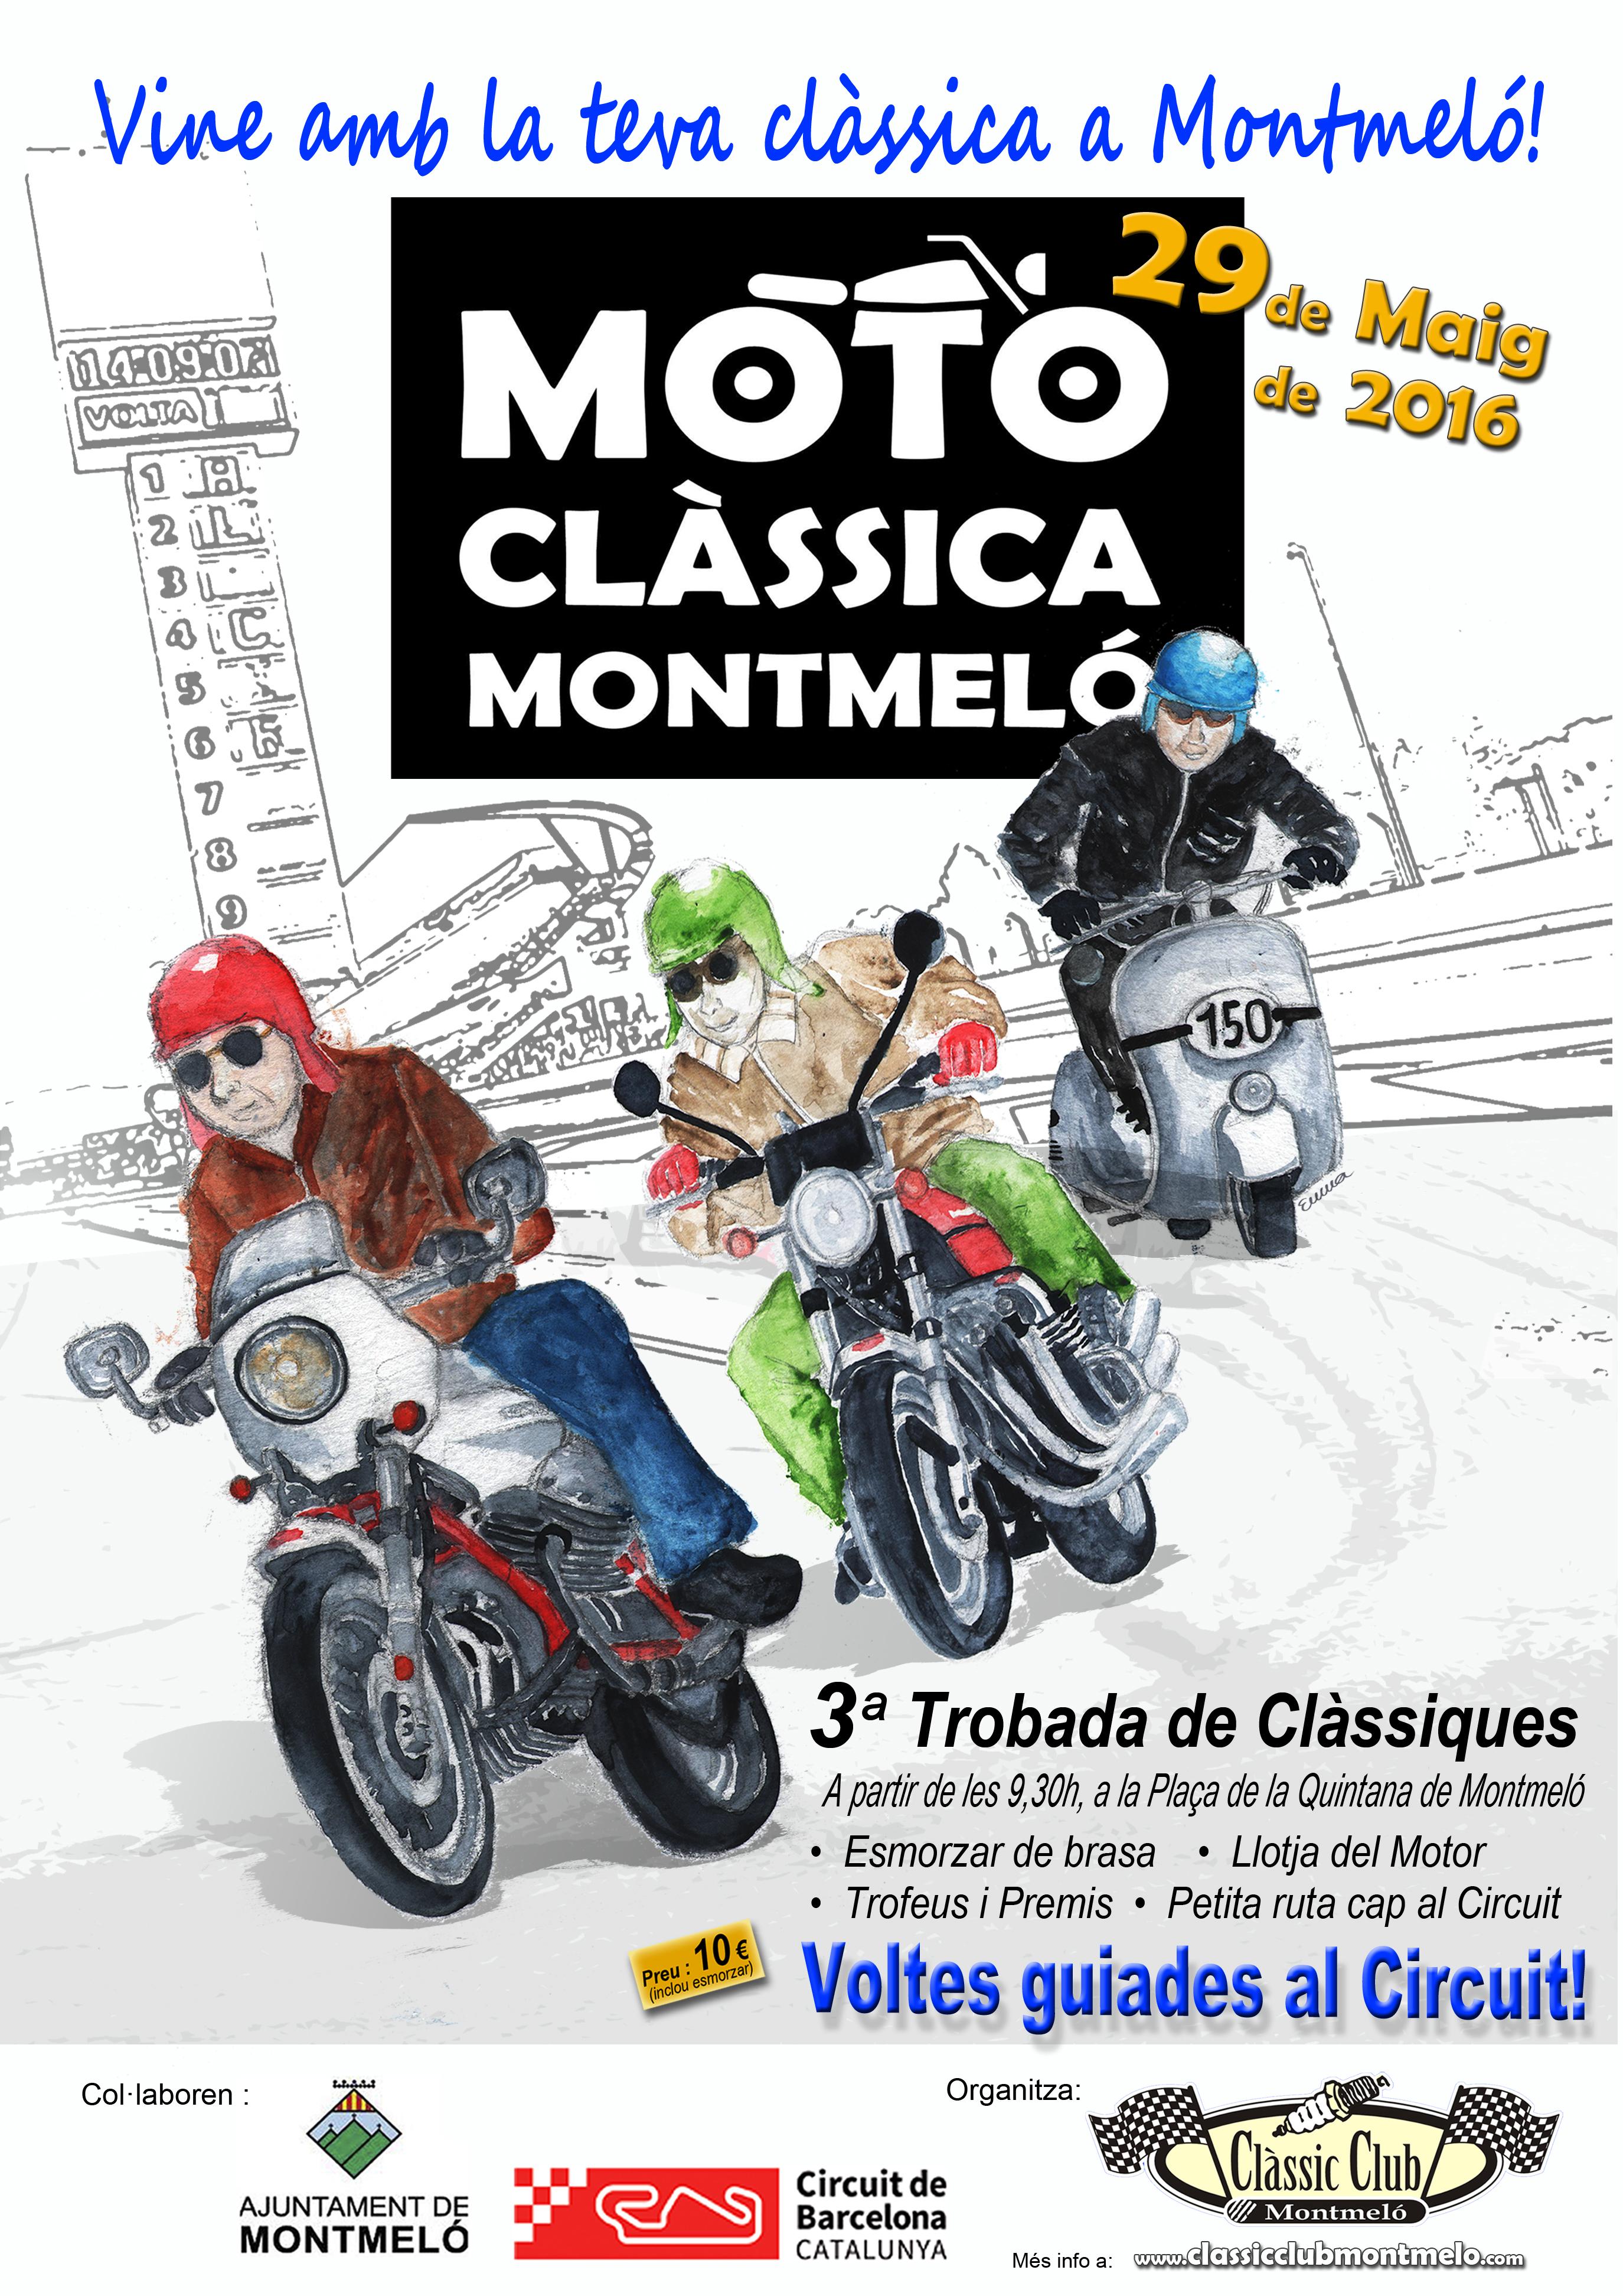 3A Moto Clàssica 2016 ohne patro